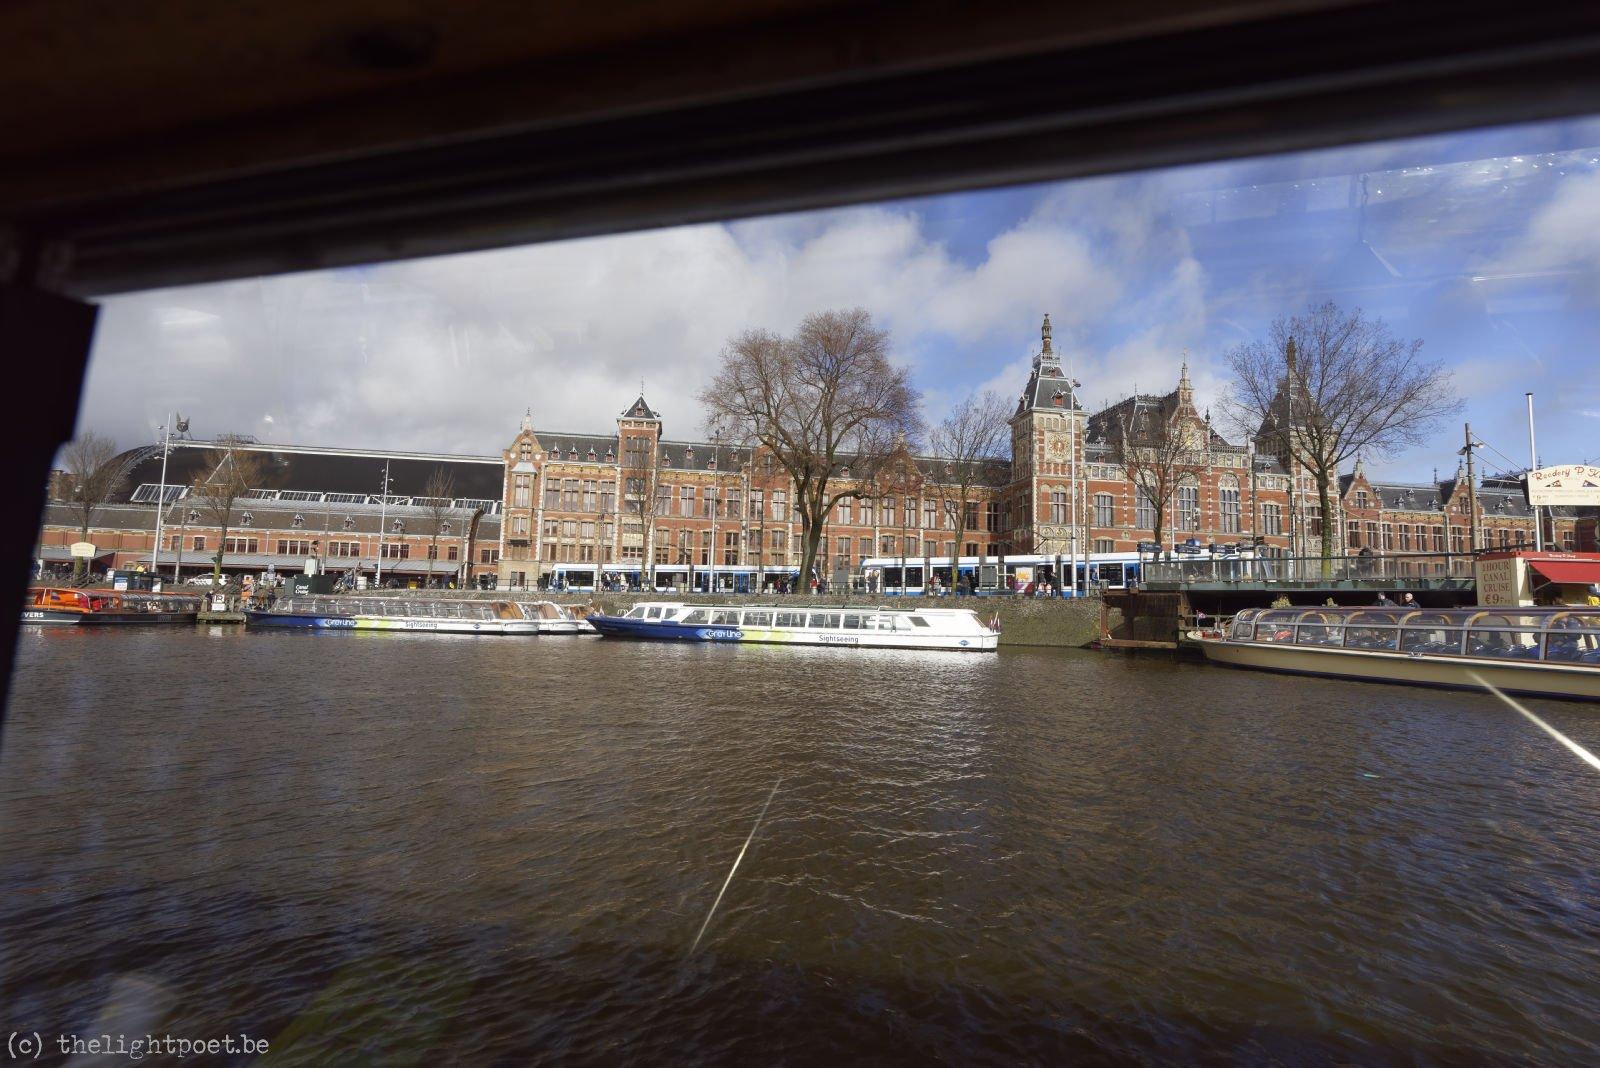 2017_03_Amsterdam_20170302_141705_DxO_v11_1600px